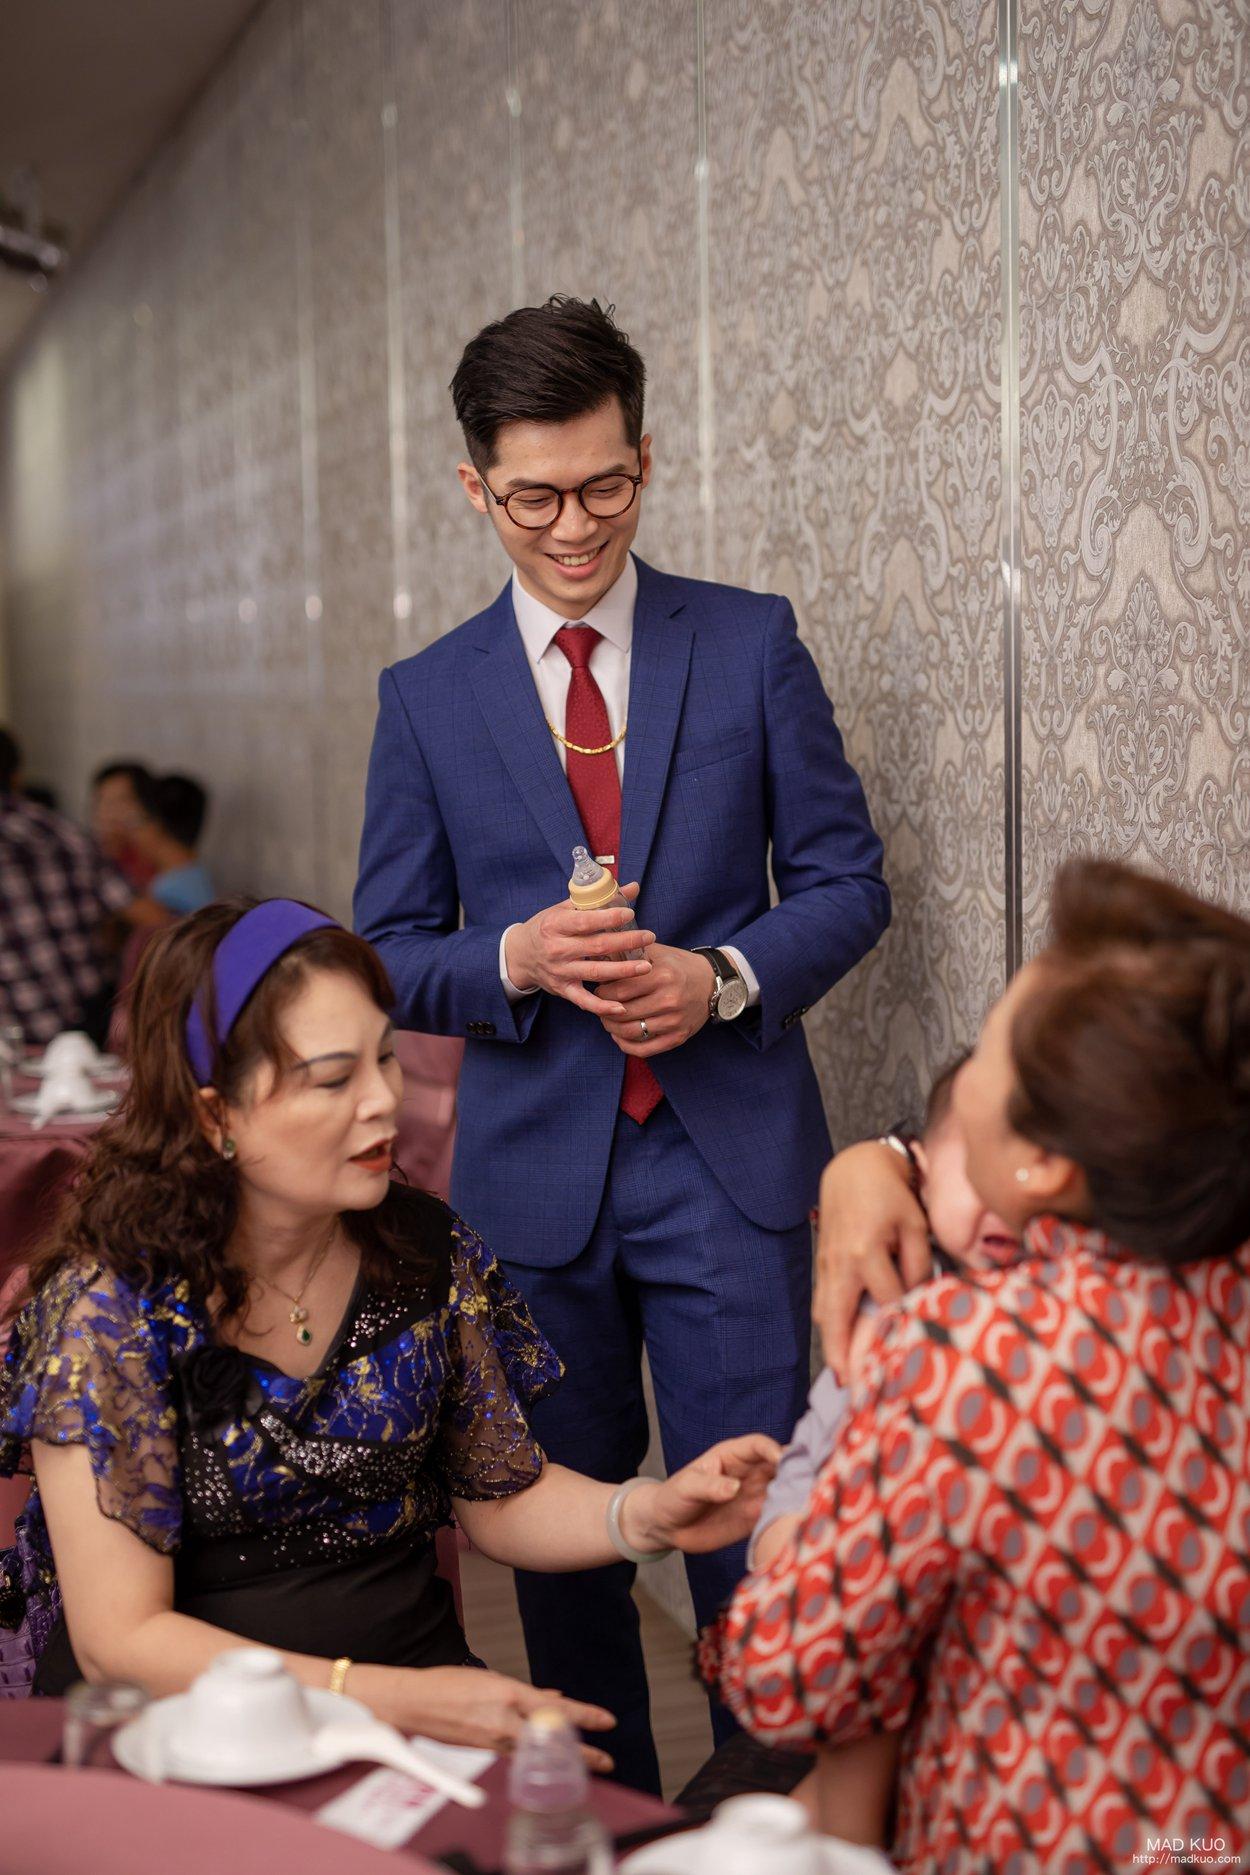 桃園婚攝推薦,豐華時尚婚宴會館婚攝